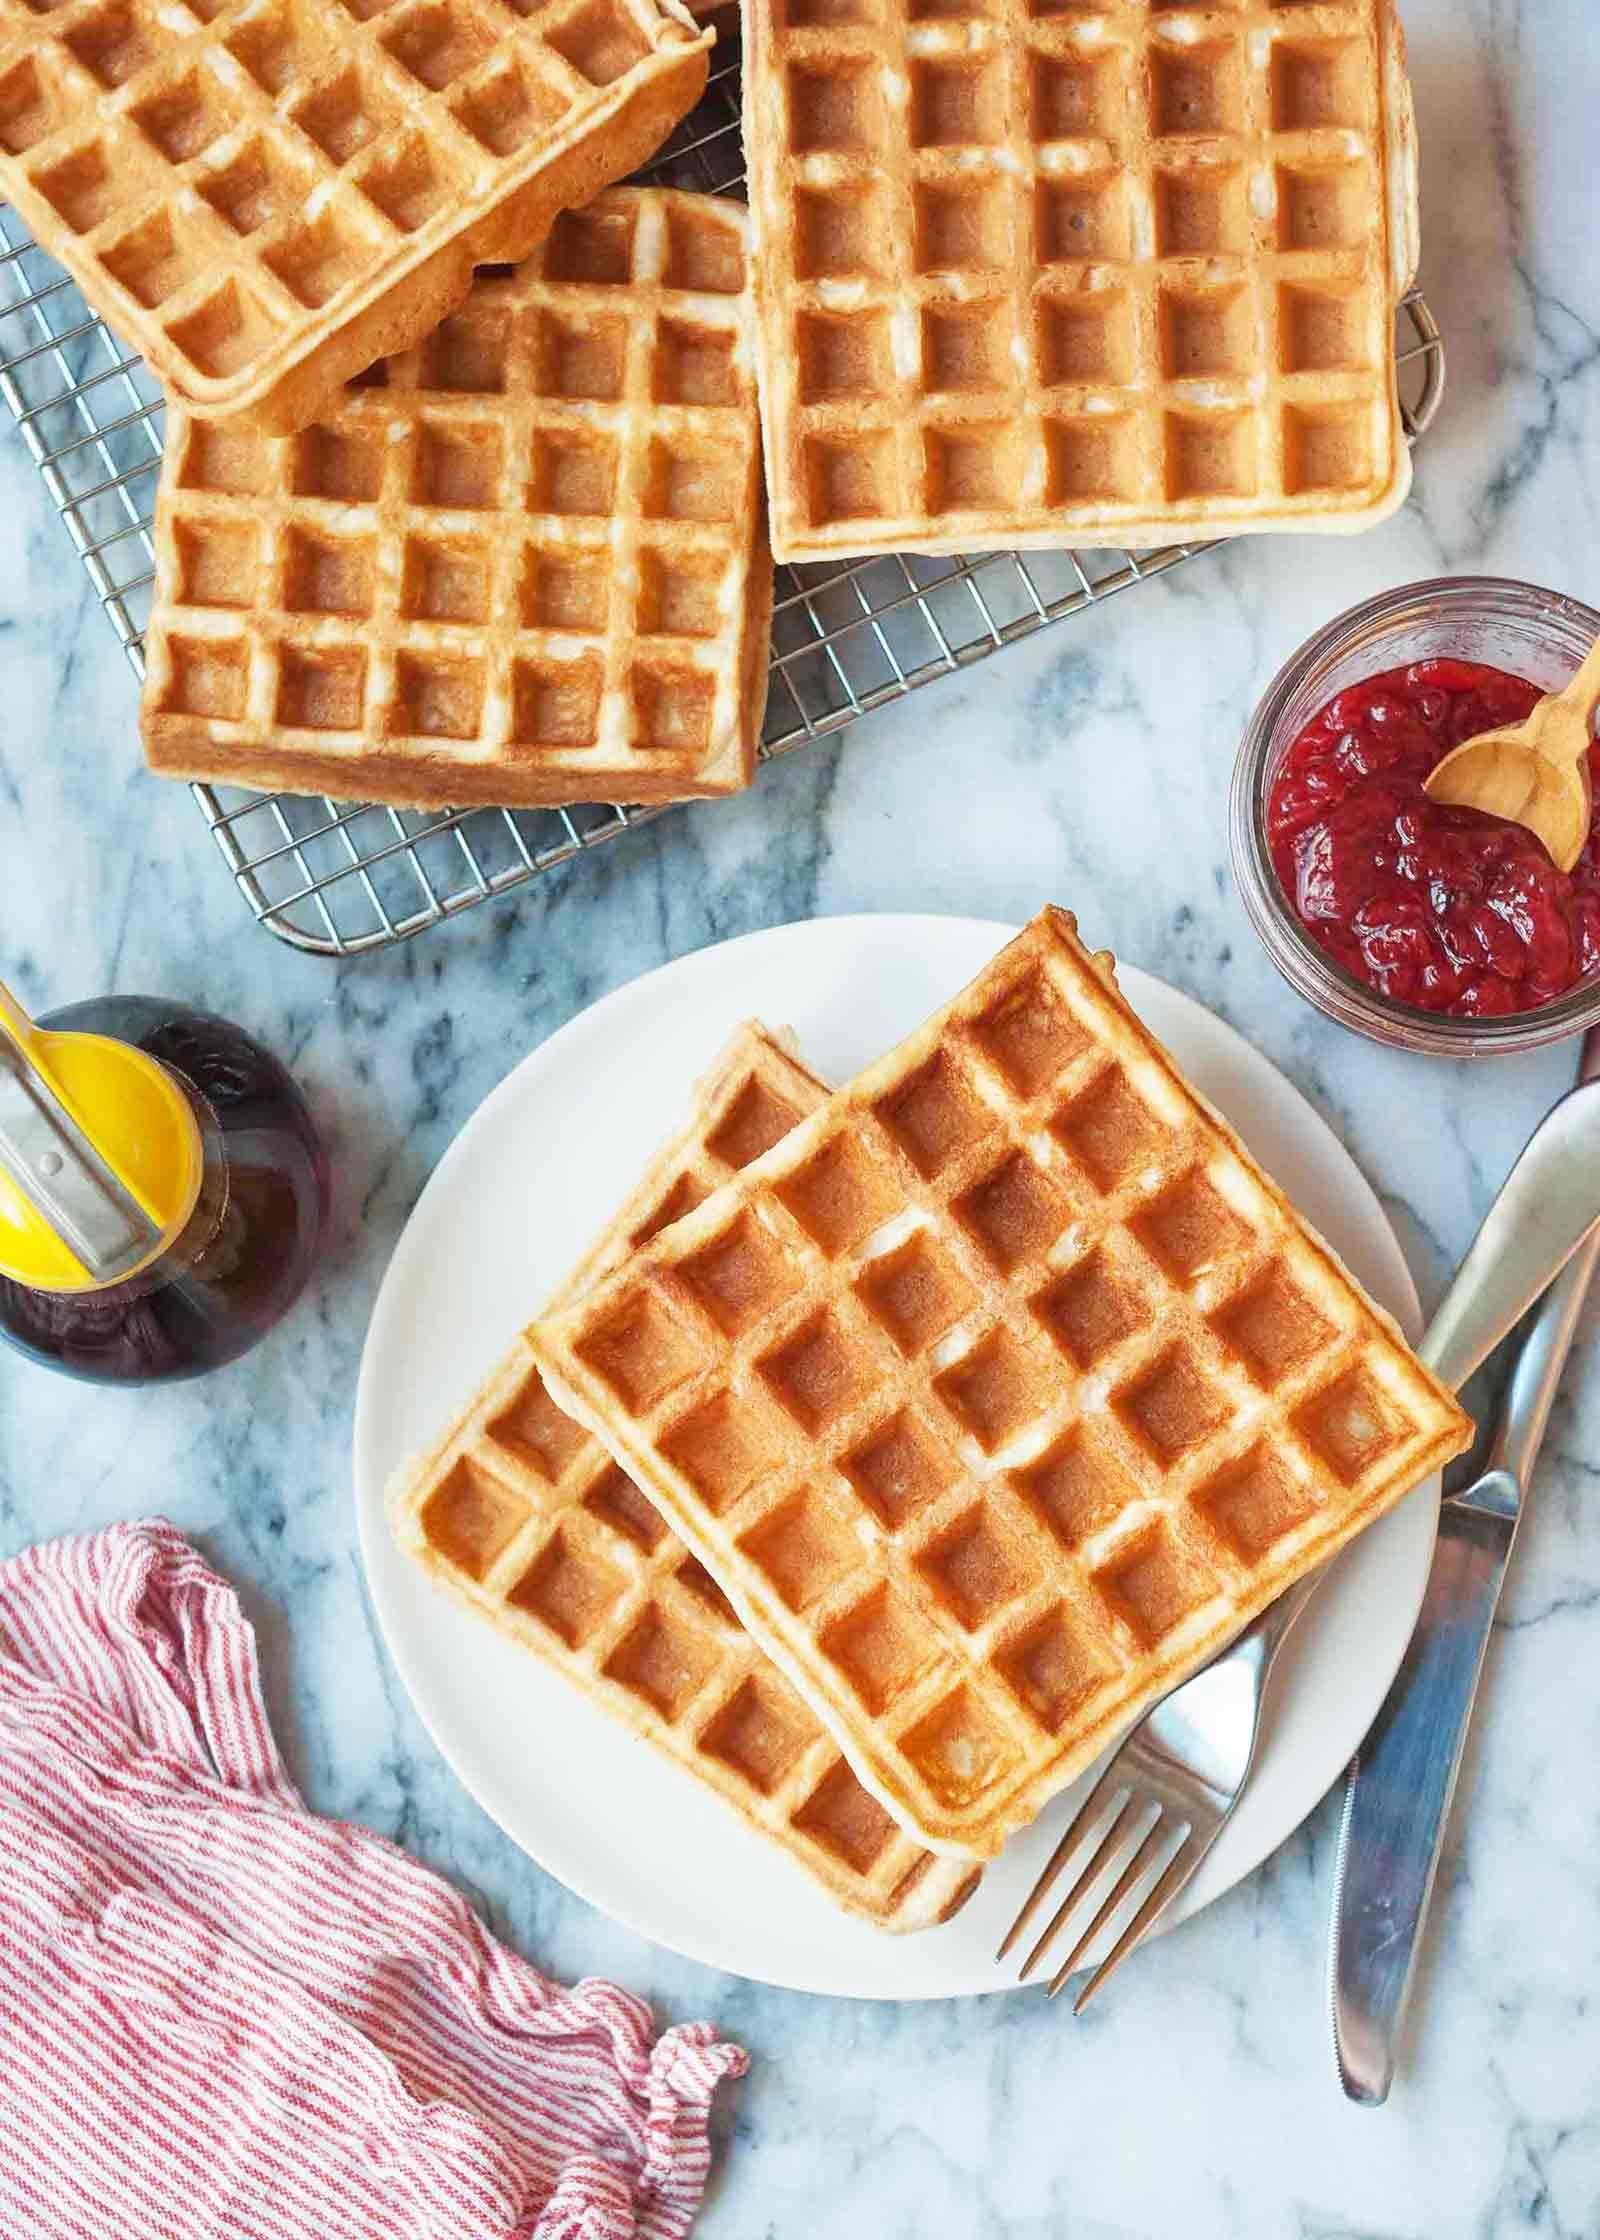 Classic Buttermilk Waffles Recipe Buttermilk Waffles Waffle Recipes How To Make Waffles